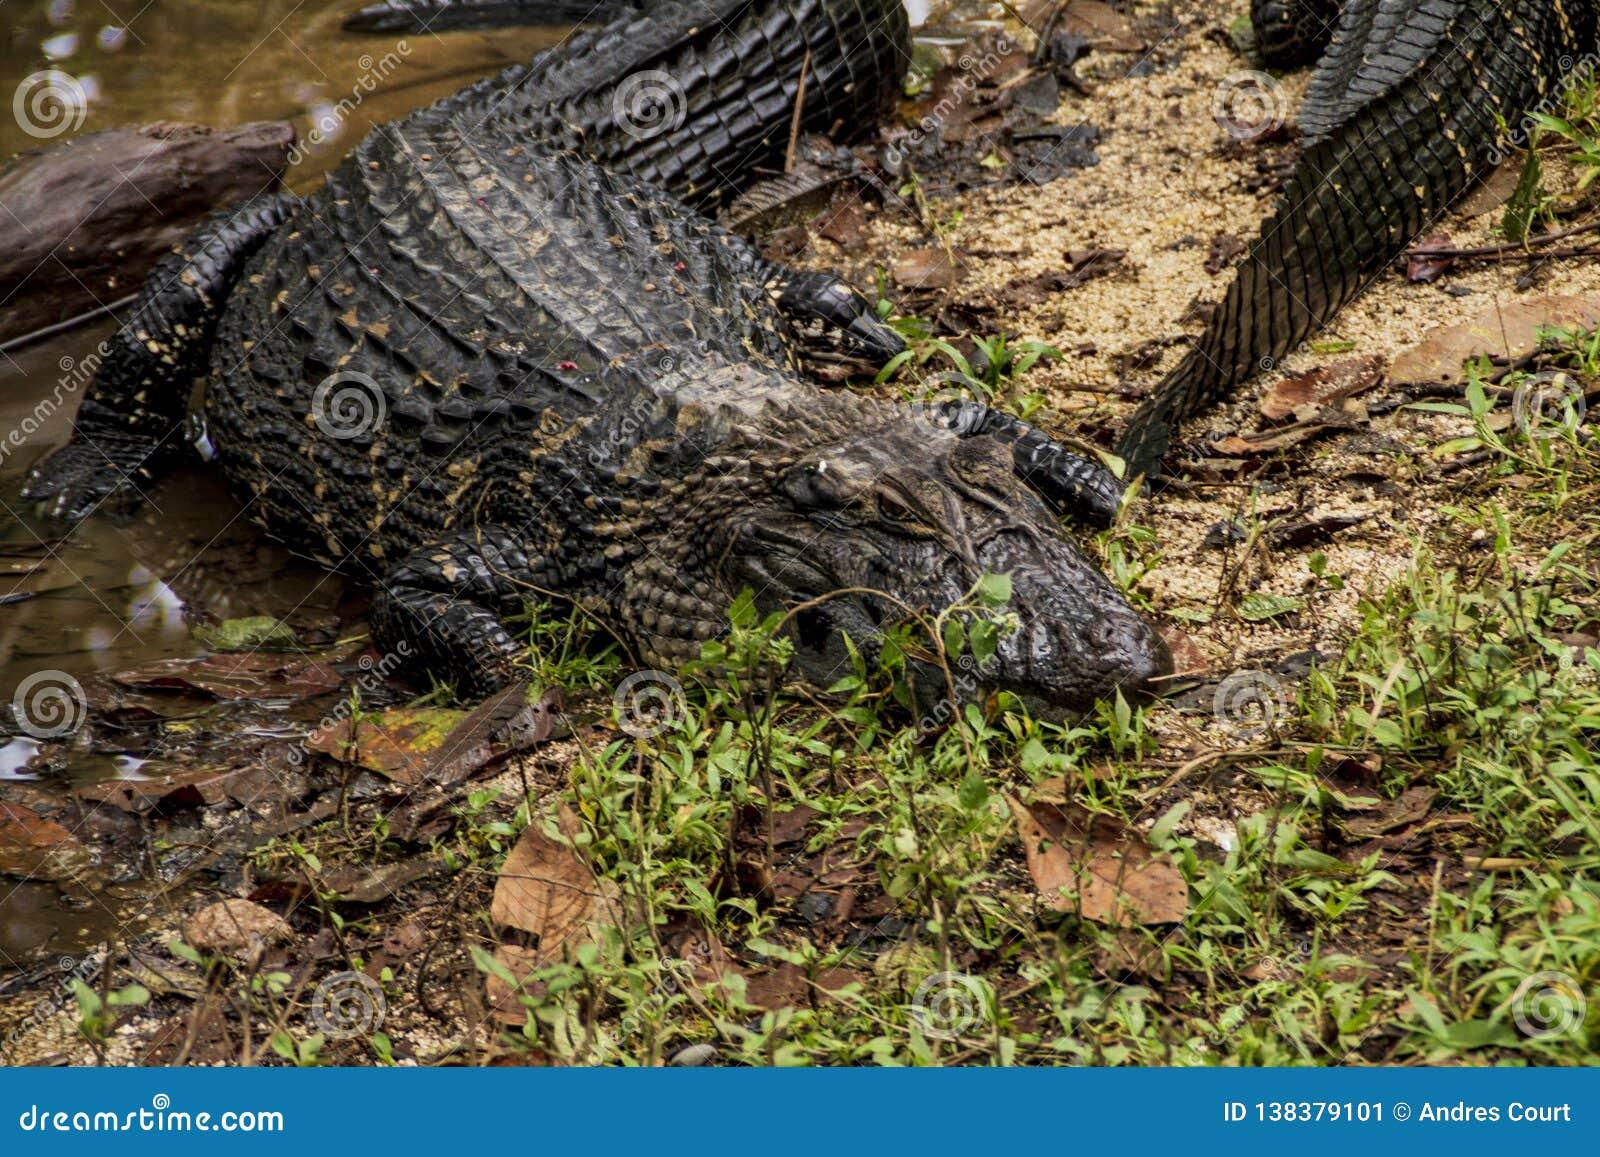 鳄鱼在一个动物园里在亚马逊密林